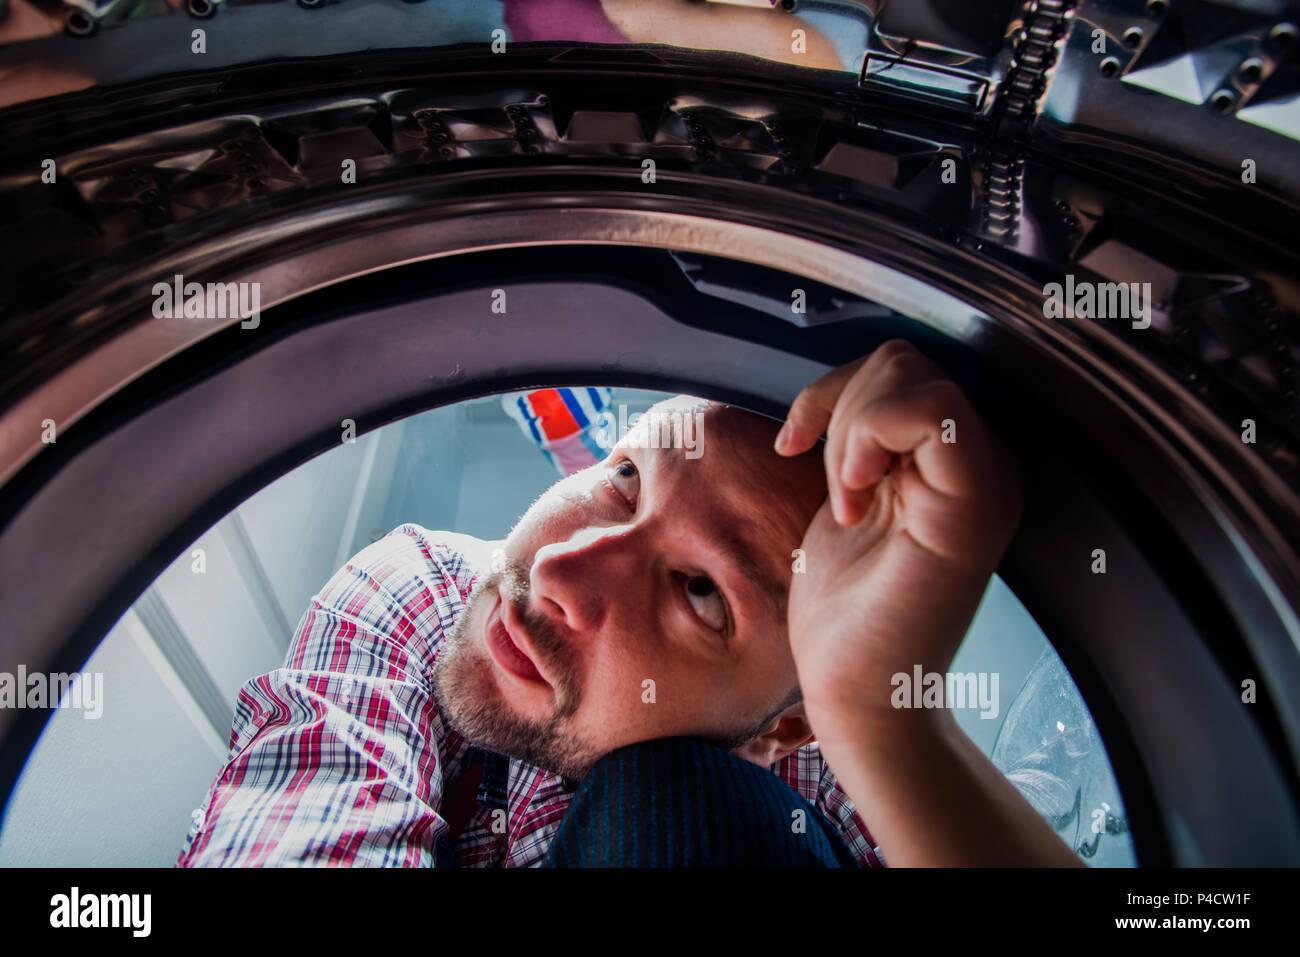 L'homme de réparation de fixation de la machine à laver dans la salle de bains, vue de l'intérieur de la machine Photo Stock